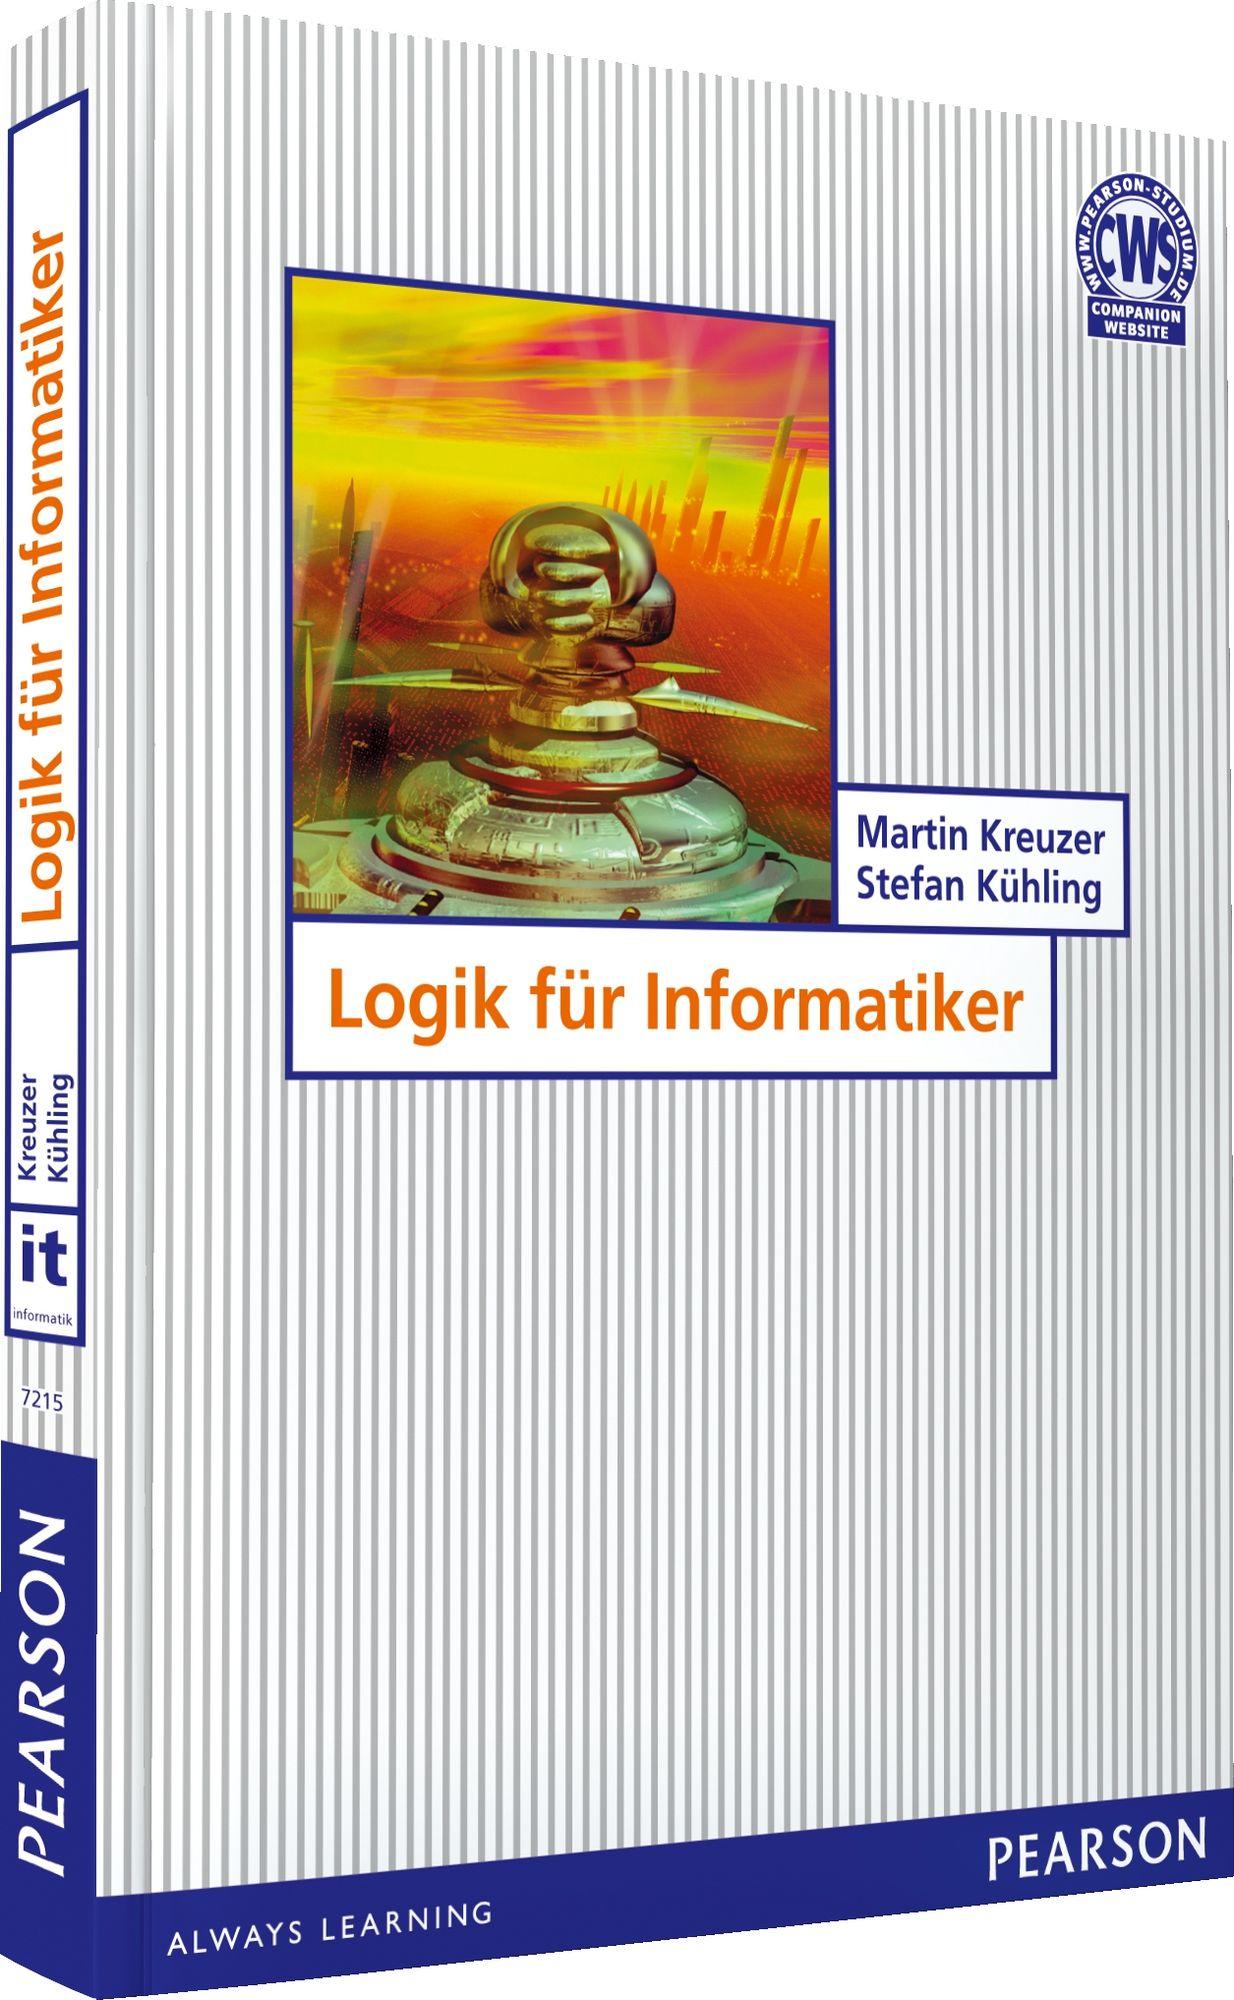 Logik für Informatiker - Martin Kreuzer